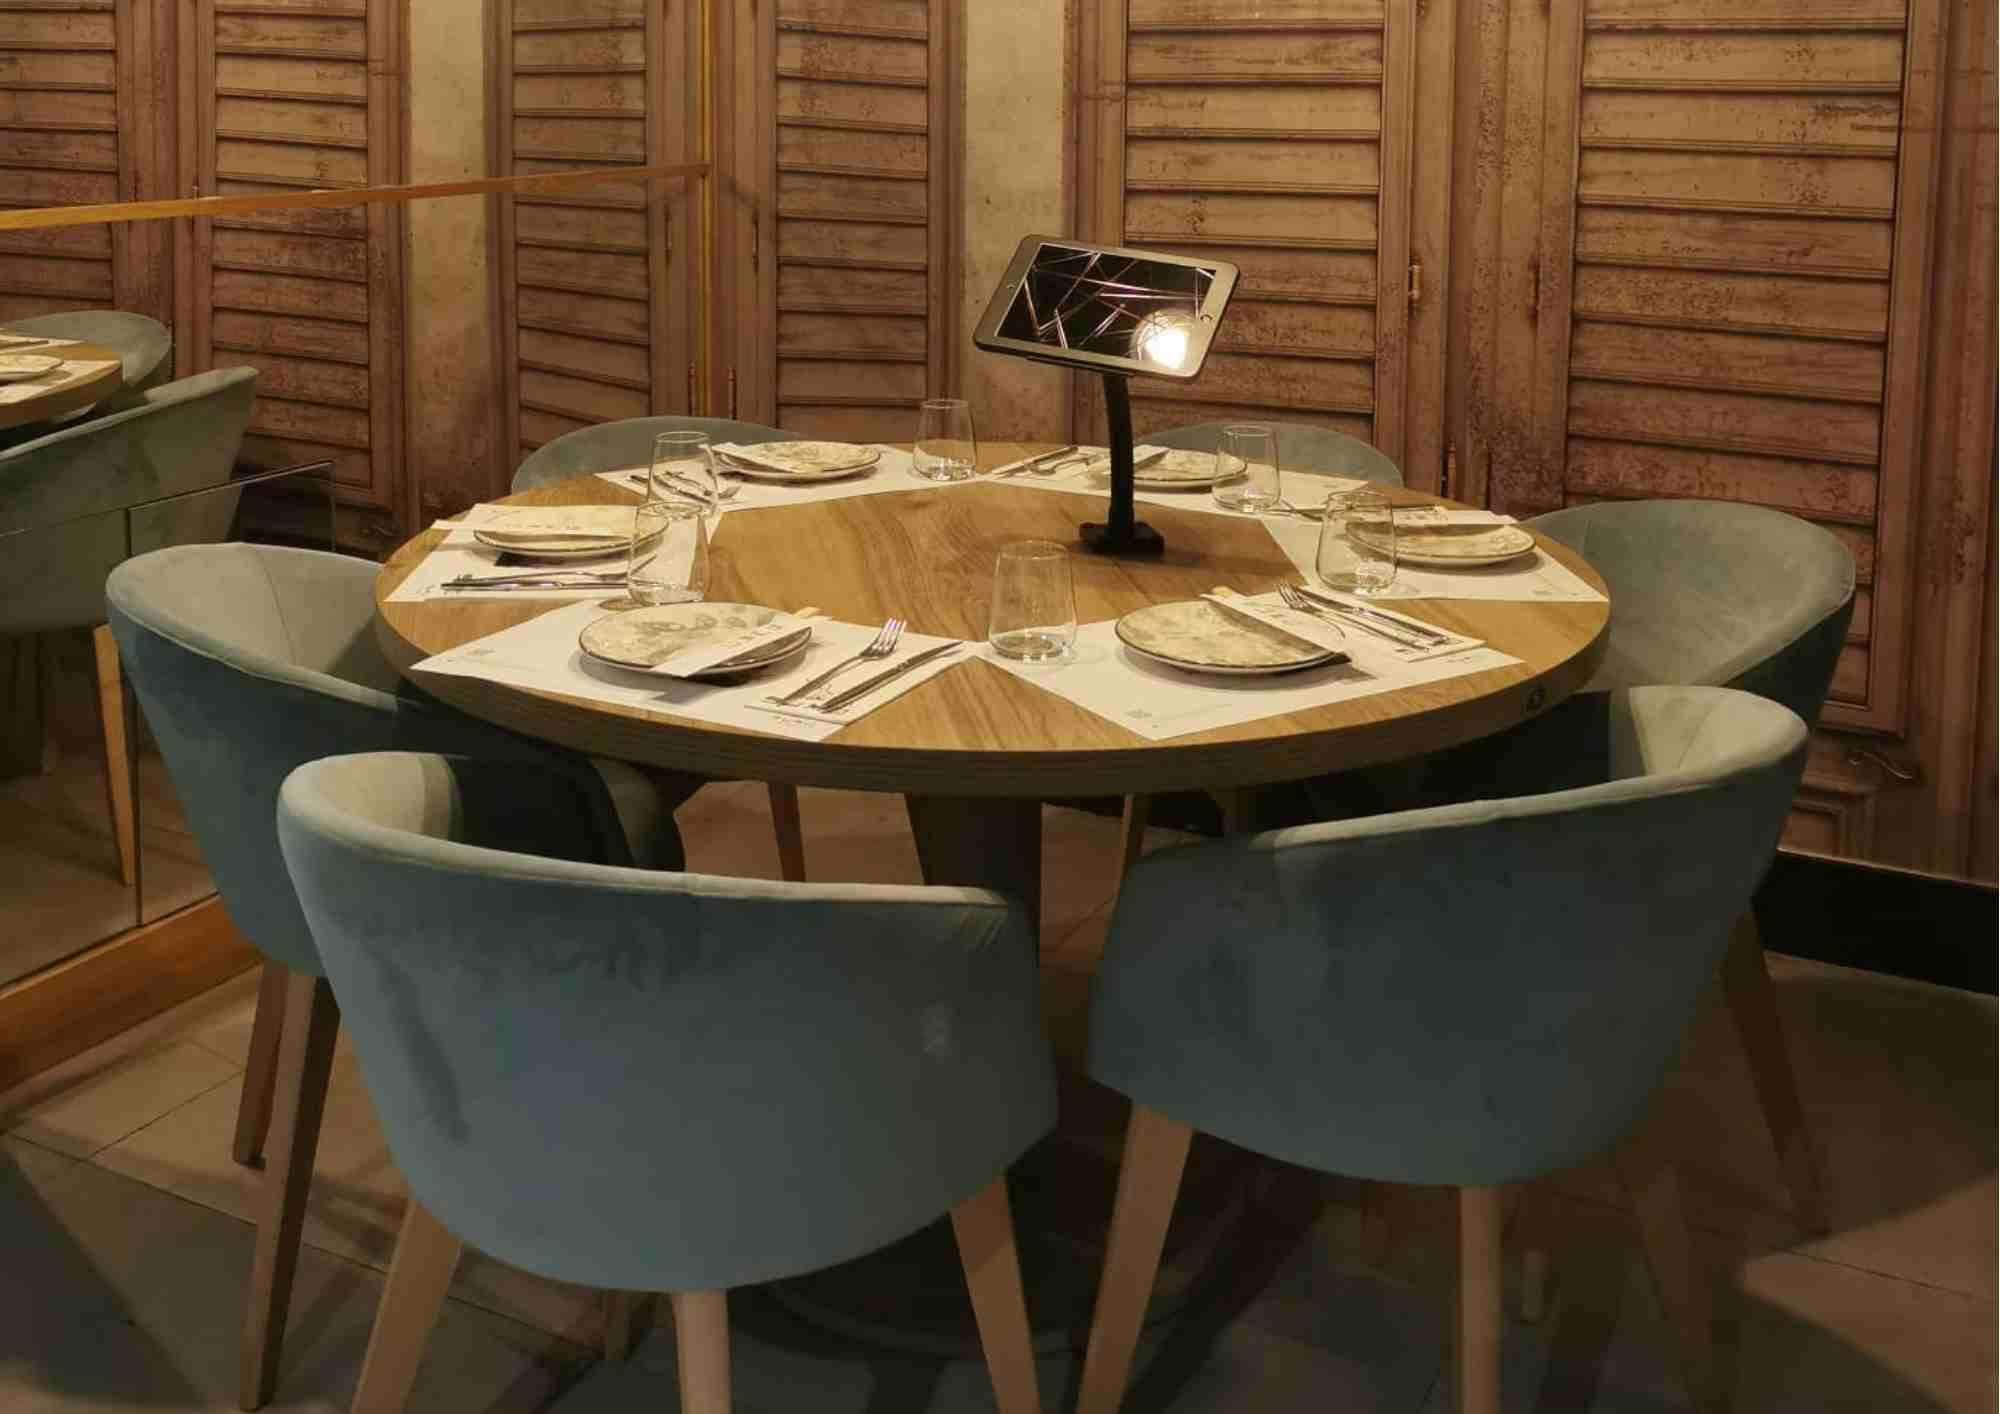 Mesa del restaurante sumo con una tablet para poder realizar pedidos